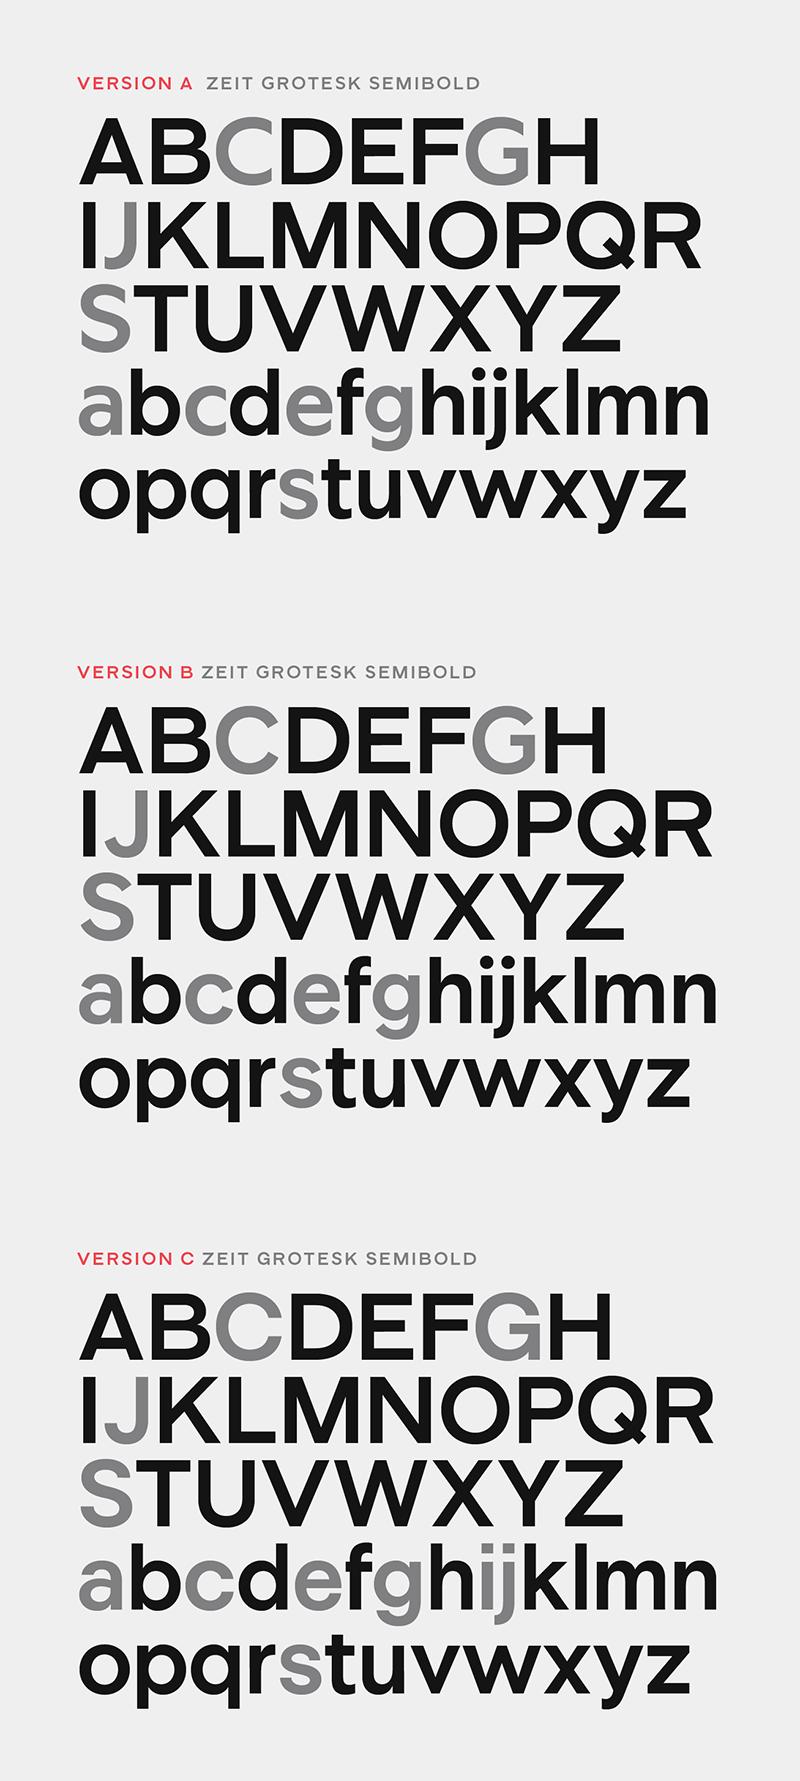 Zeit-Grotesk-student-typeface